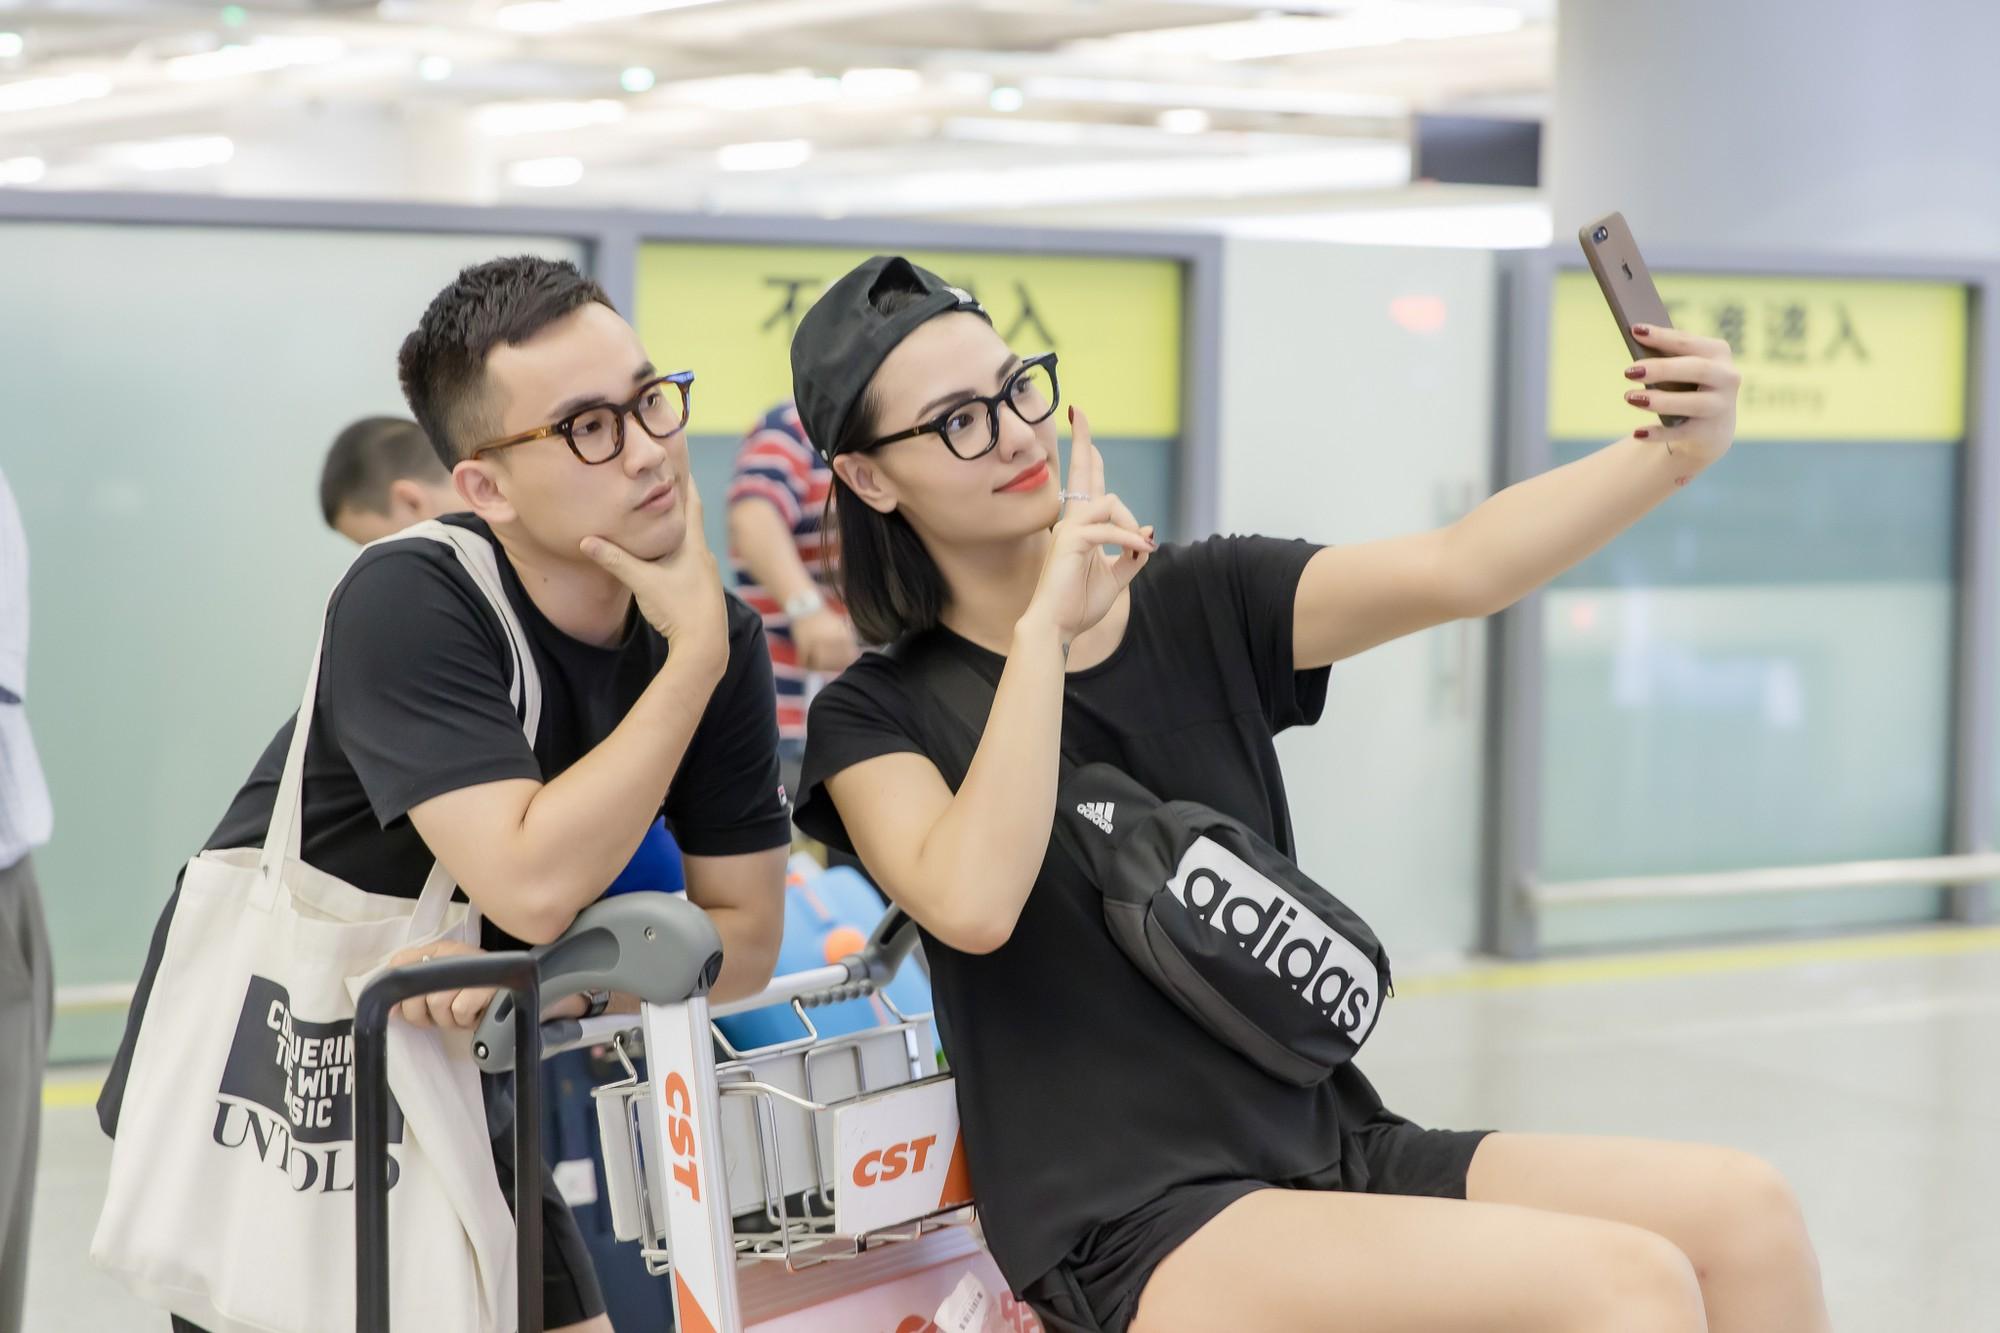 Gửi con cho ông bà để đi làm, Hồng Quế nhí nhảnh selfie cùng người đàn ông này ở sân bay - Ảnh 6.